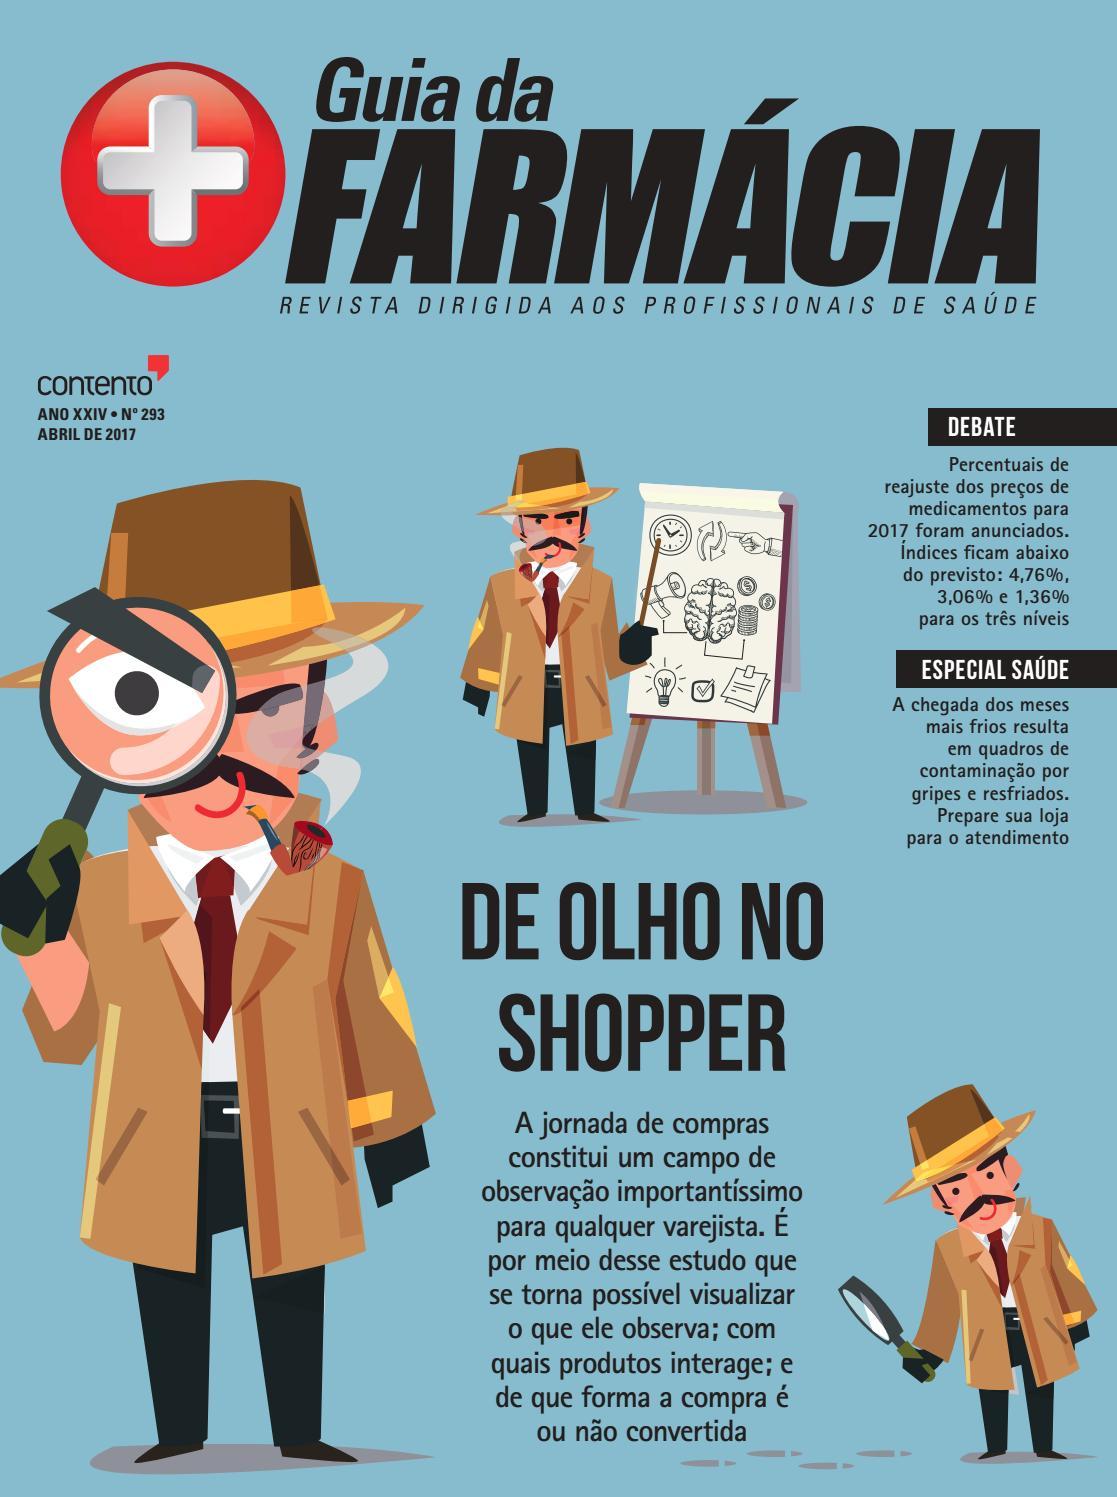 4134570e5 Edição 293 - De olho no shopper by Guia da Farmácia - issuu